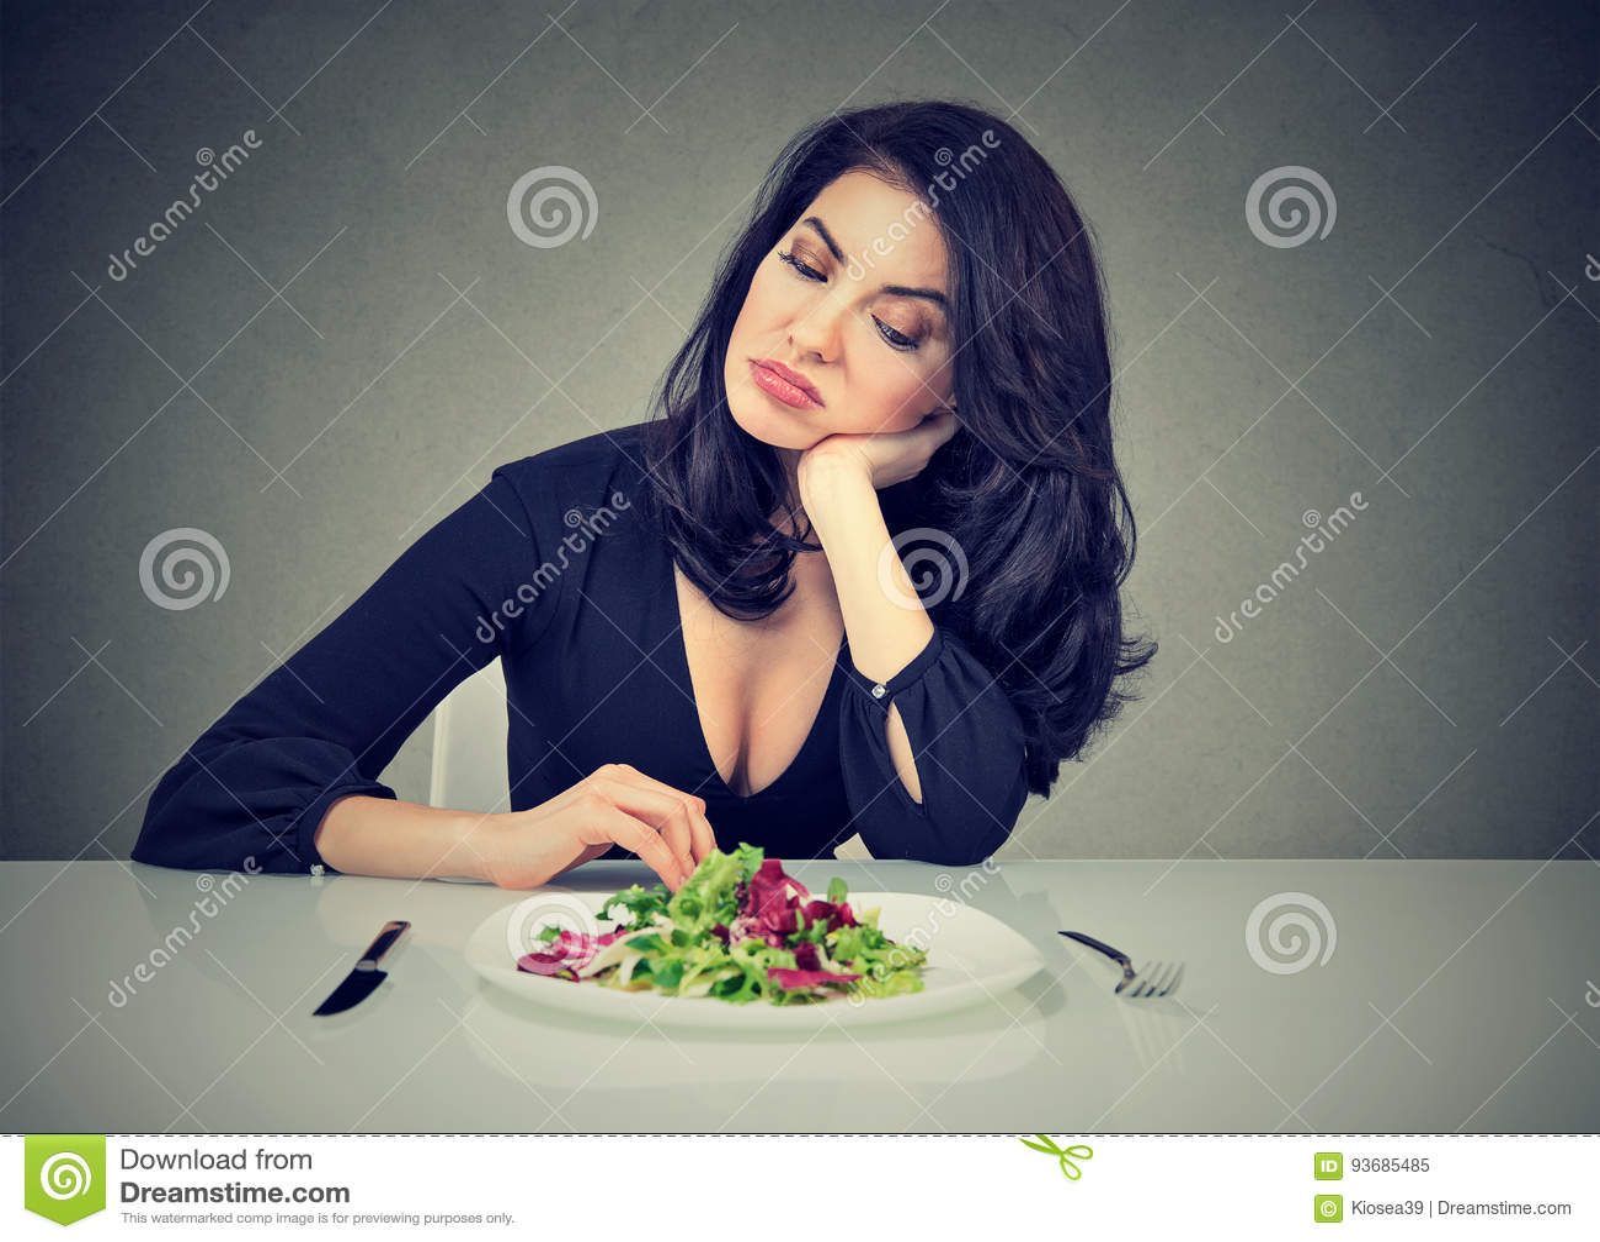 Να κάνει δίαιτα αλλαγές συνηθειών Η γυναίκα μισεί τη χορτοφάγο διατροφή